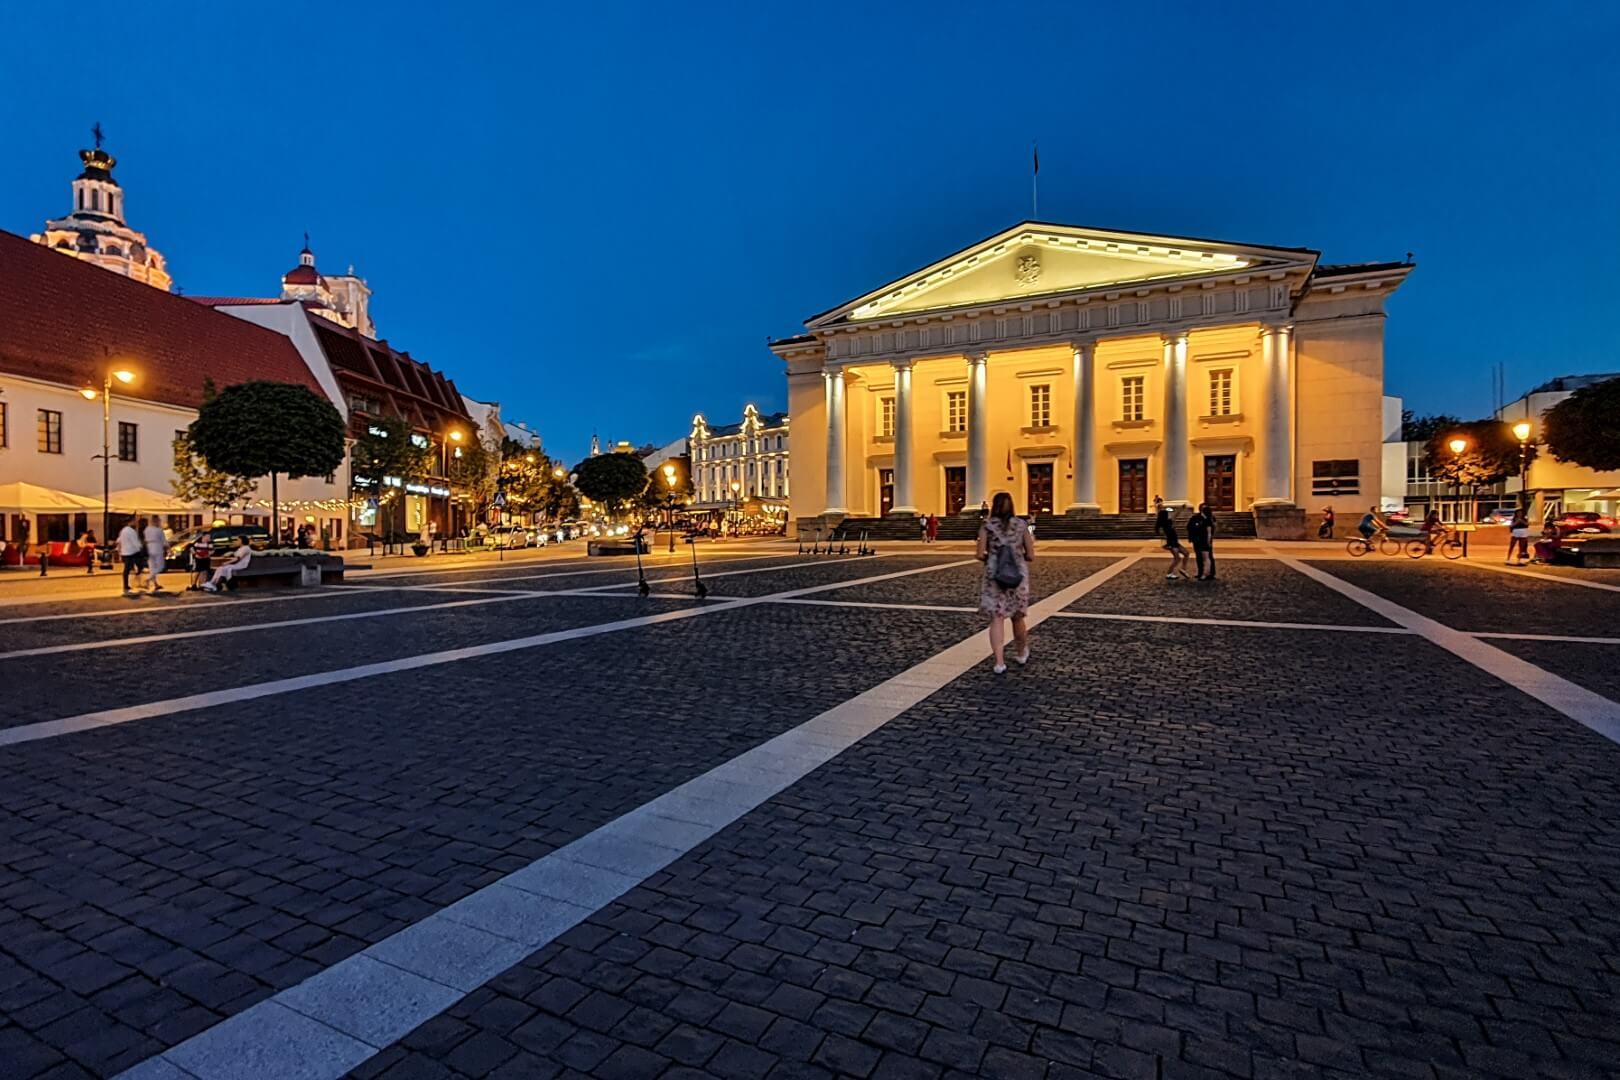 Oświetlony ratusz w Wilnie.